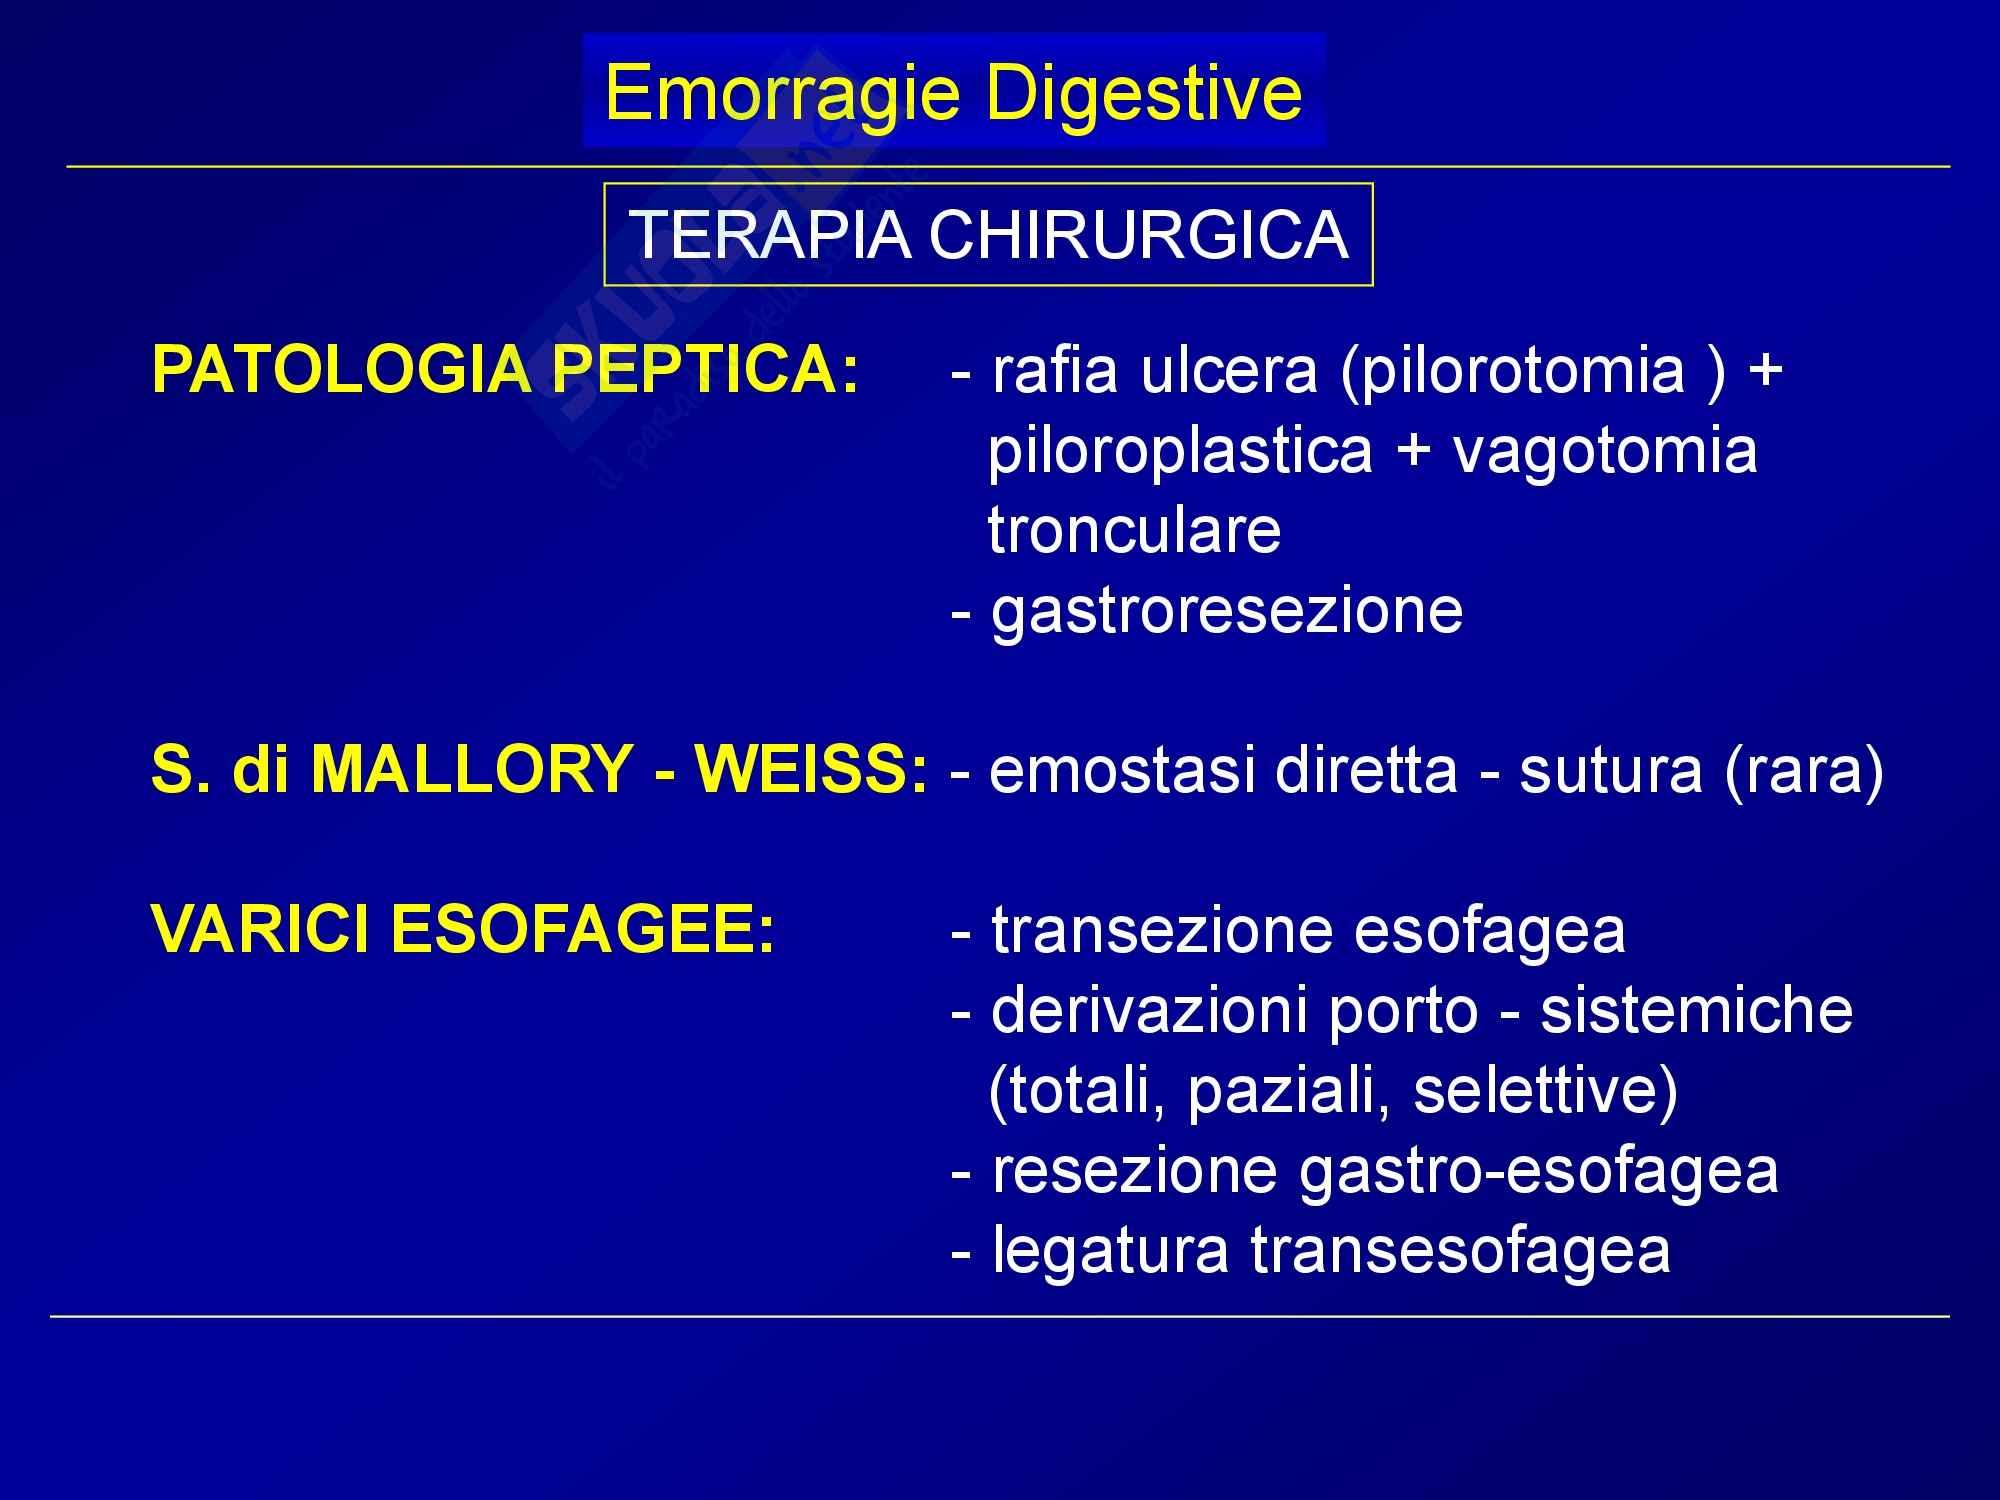 Chirurgia generale - emorragie digestive Pag. 41